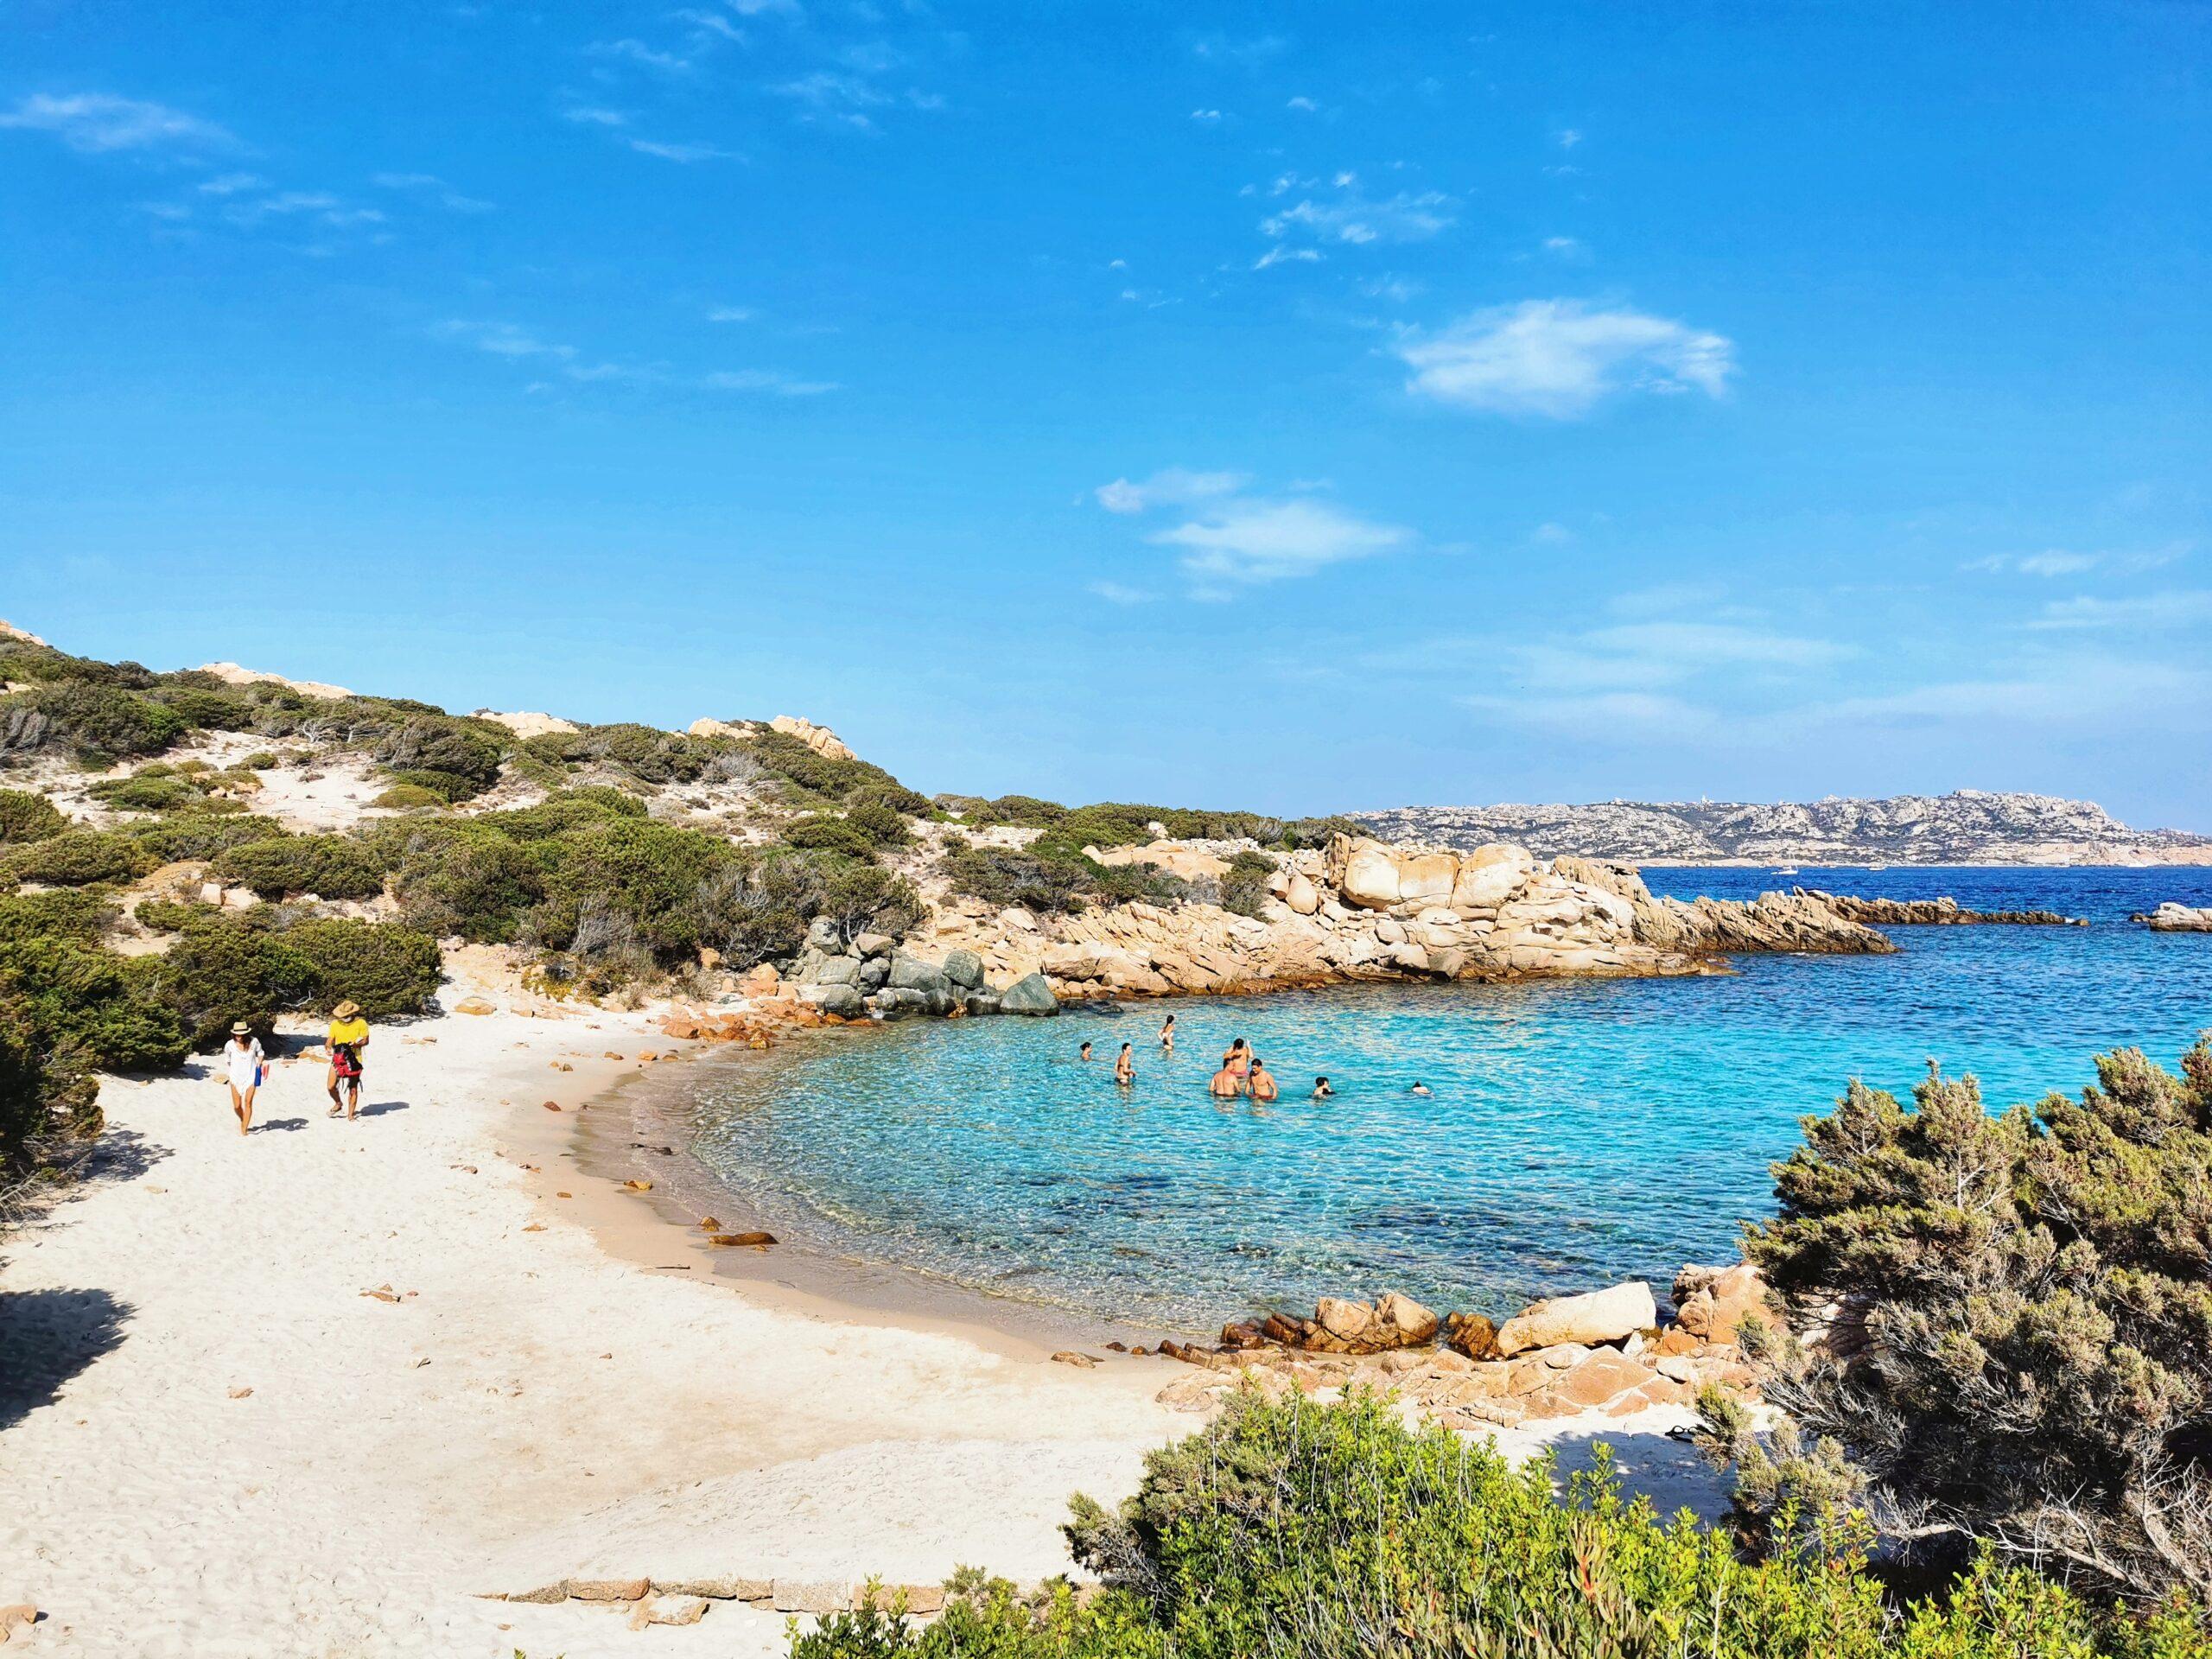 spiaggia e mare azzurro Sardegna